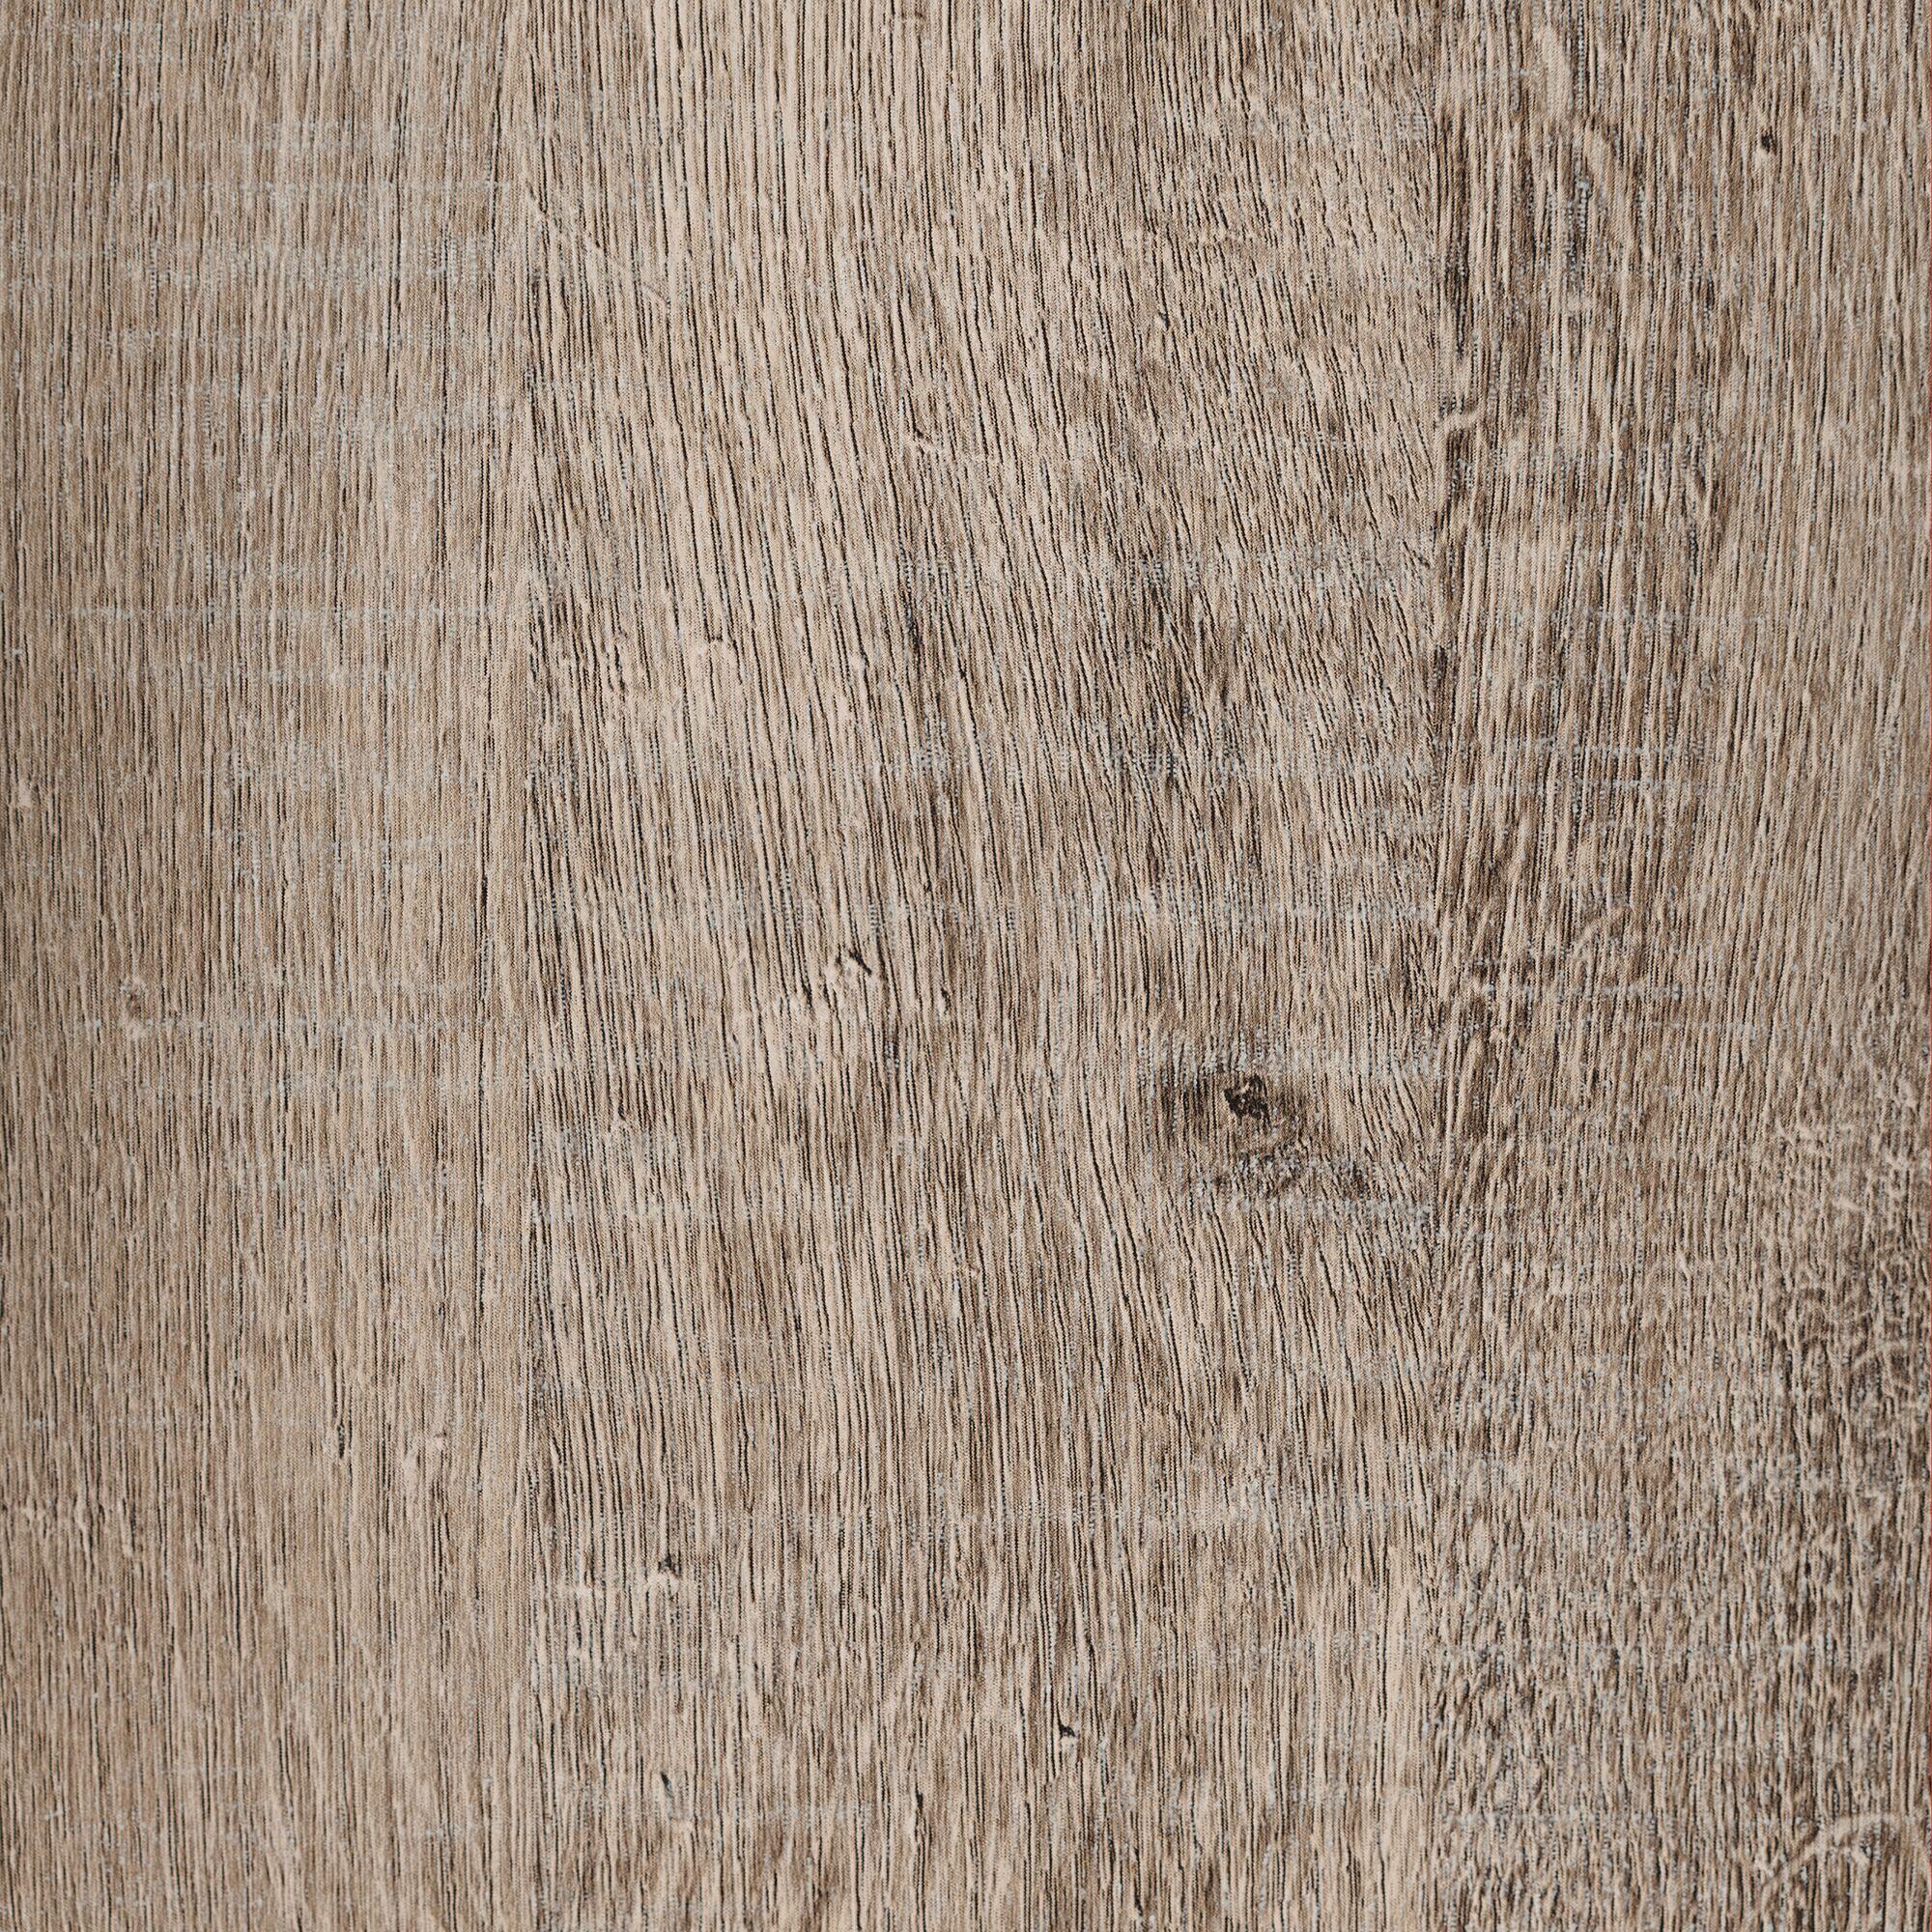 Lionel Bed Set Color: Weathered Oak